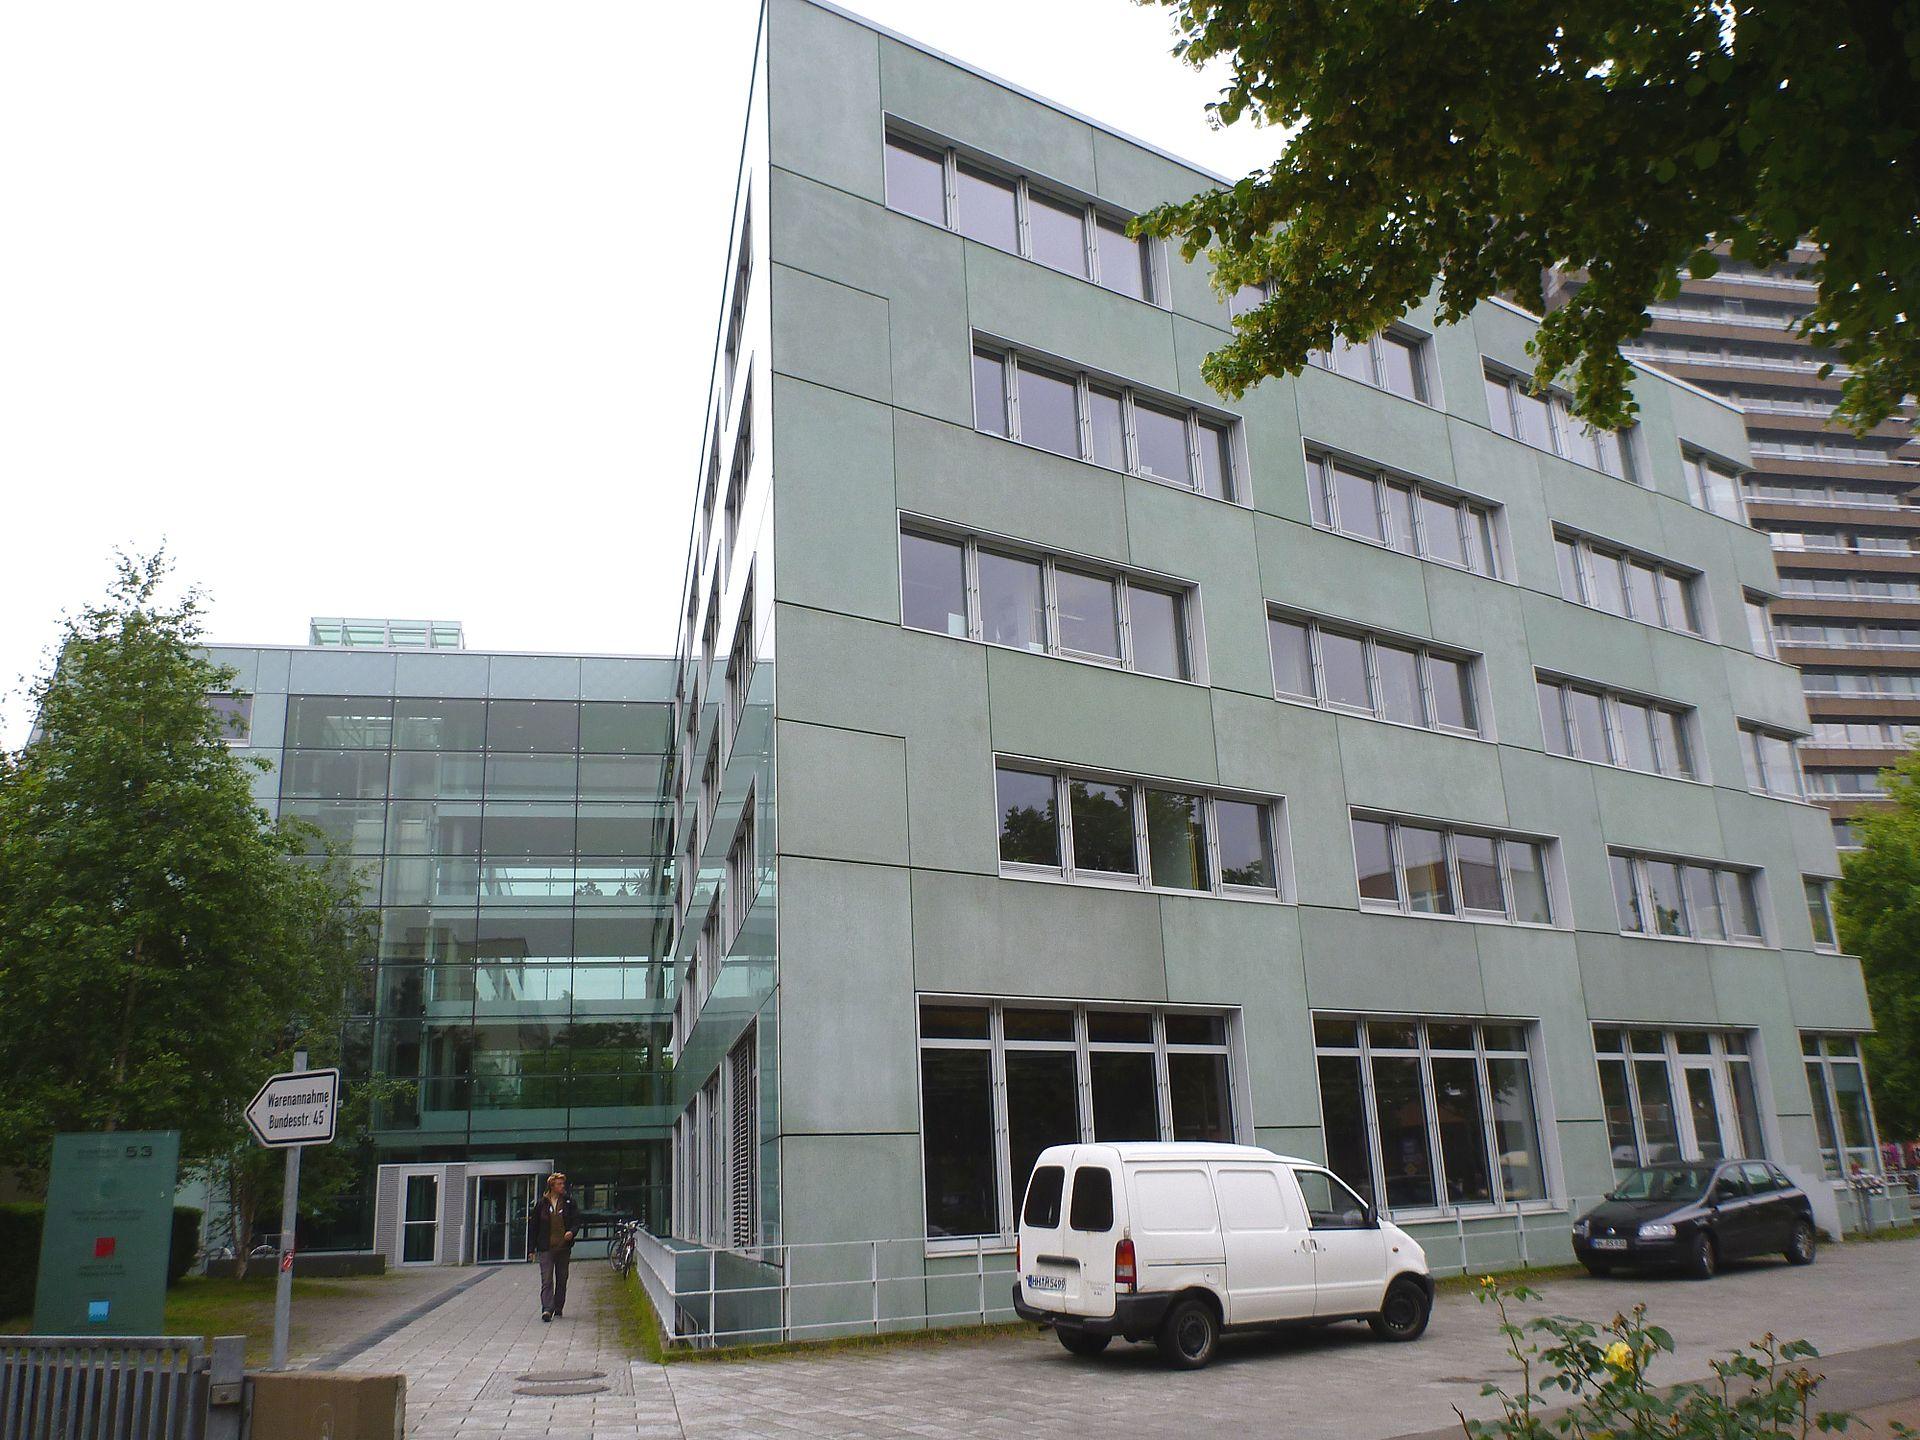 Biologie Uni Hamburg